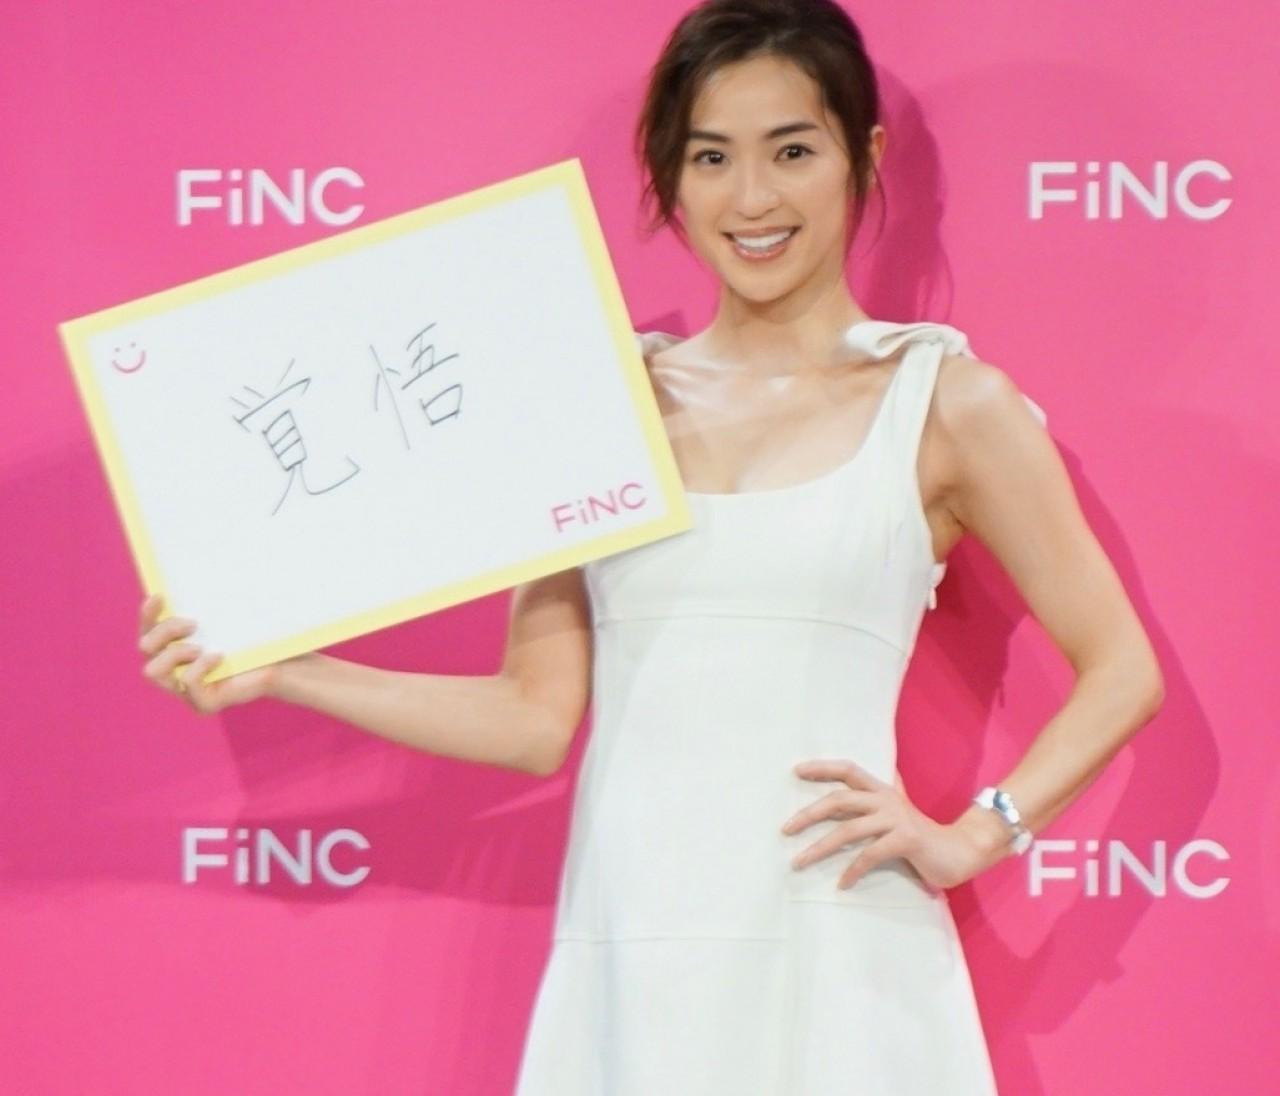 中村アンがアンバサダー就任! AIヘルスケアアプリ【FiNC】で楽しくダイエット